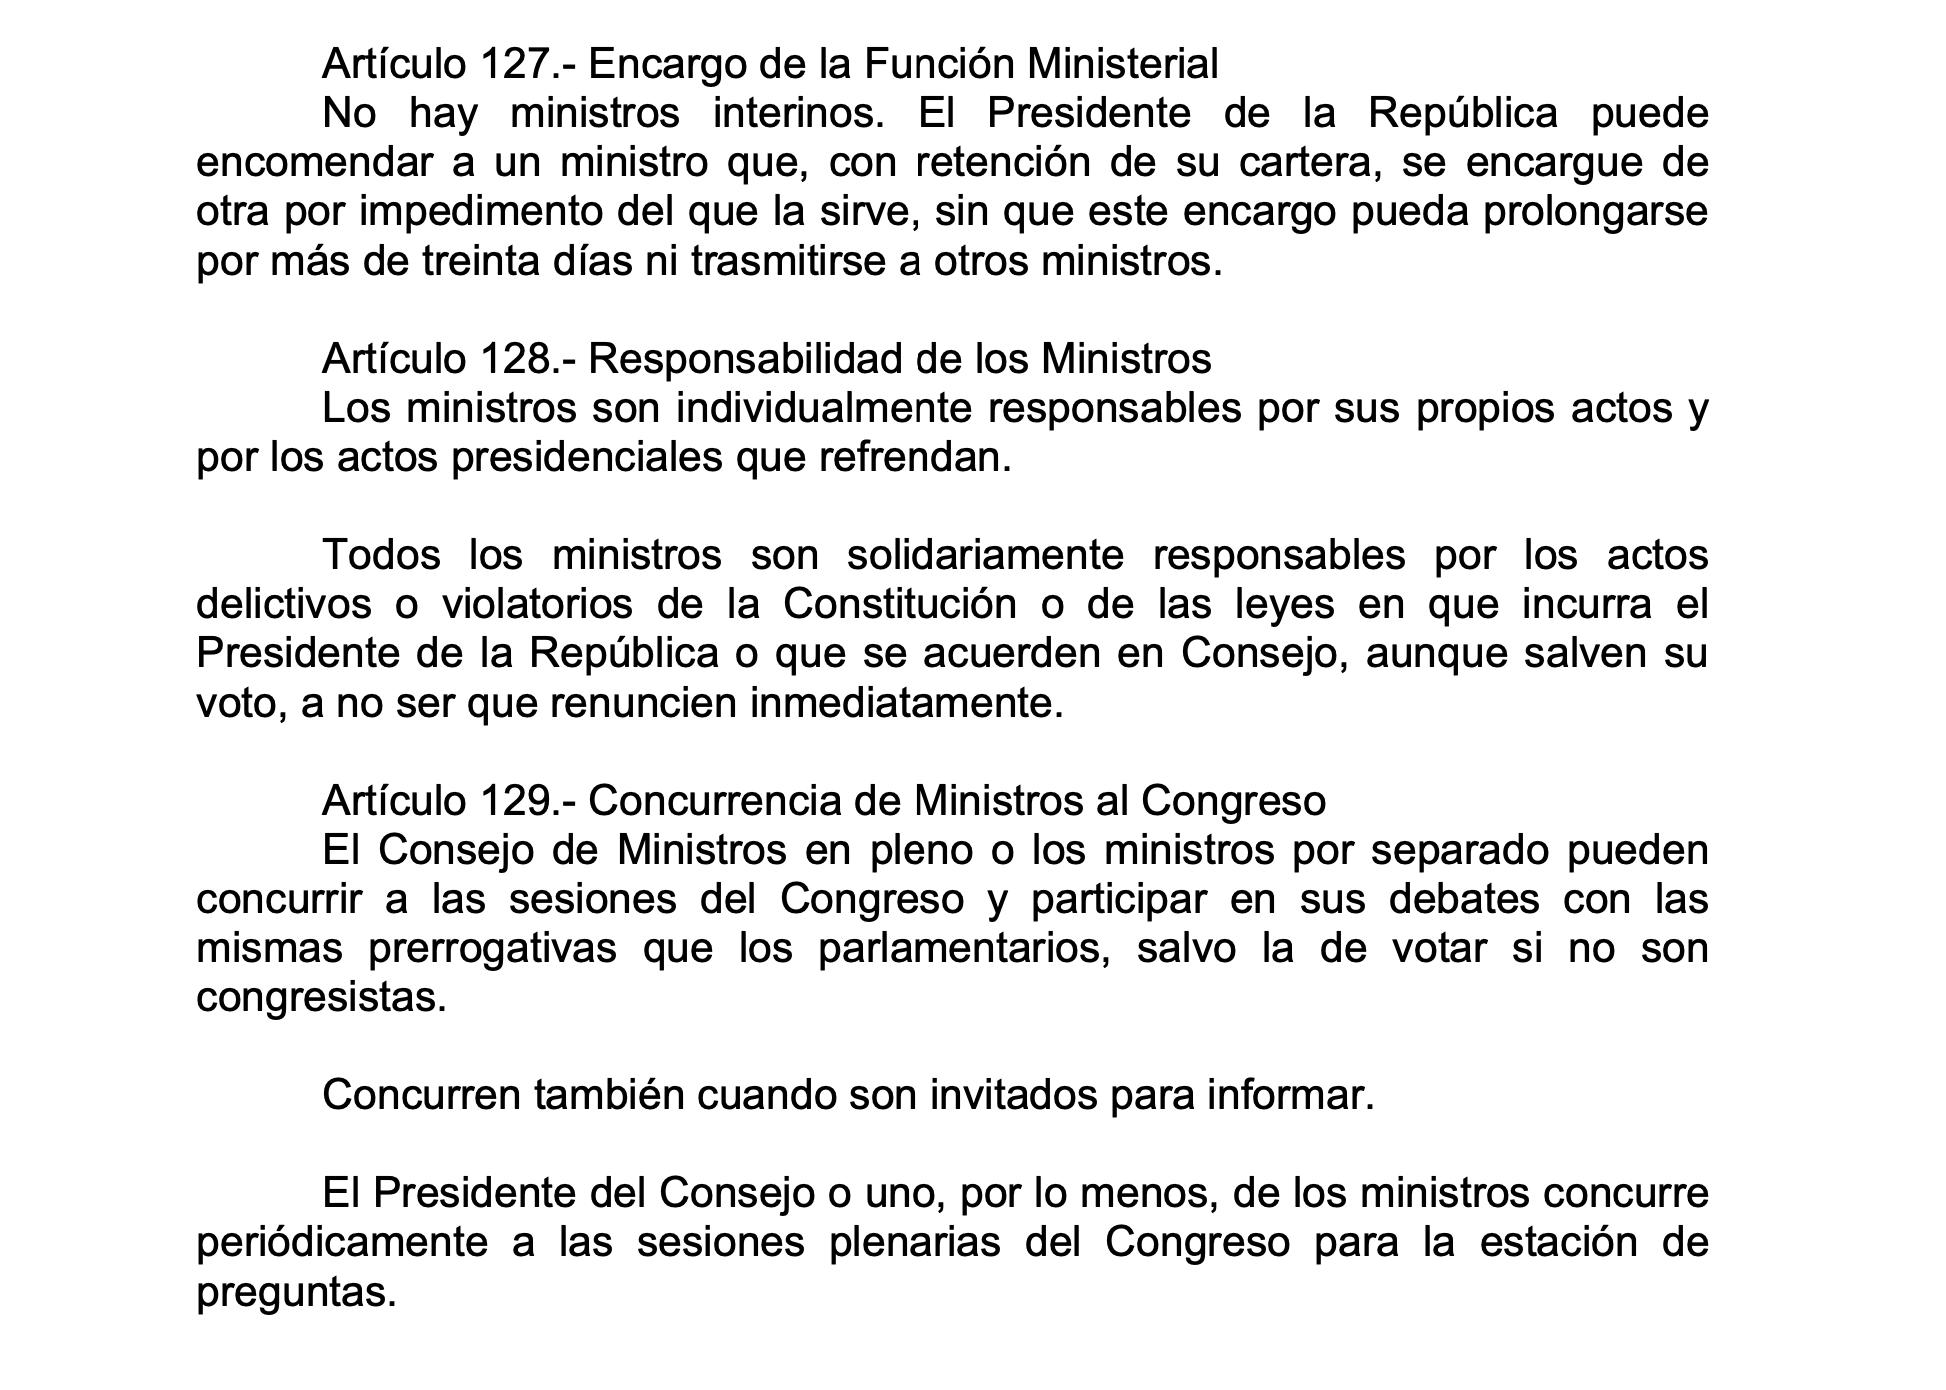 Artículo 128 de la Constitución Política del Perú.